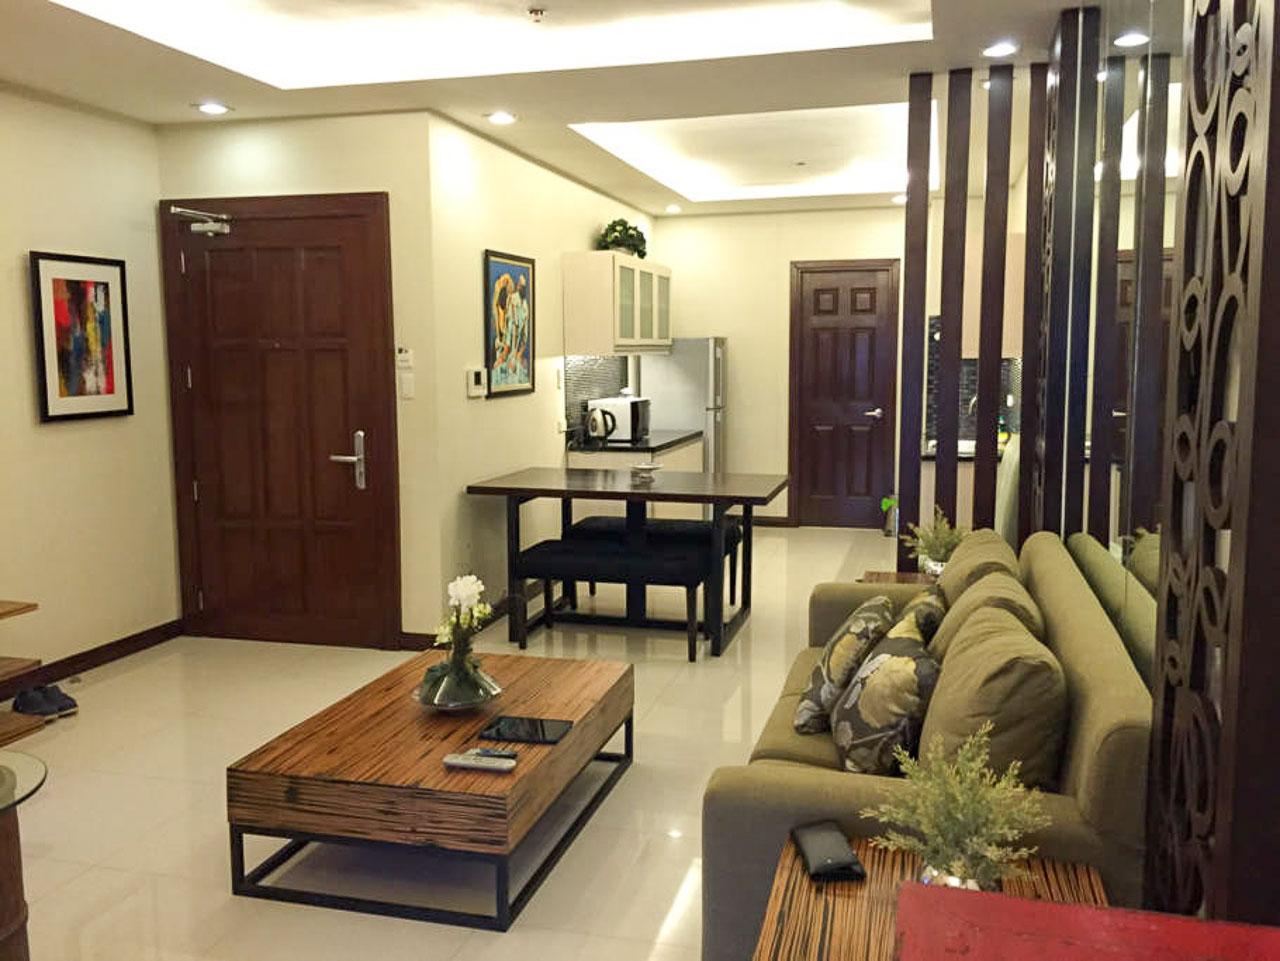 ... RC294 2 Bedroom Condo For Rent In Avalon Condominium Cebu Busine ...